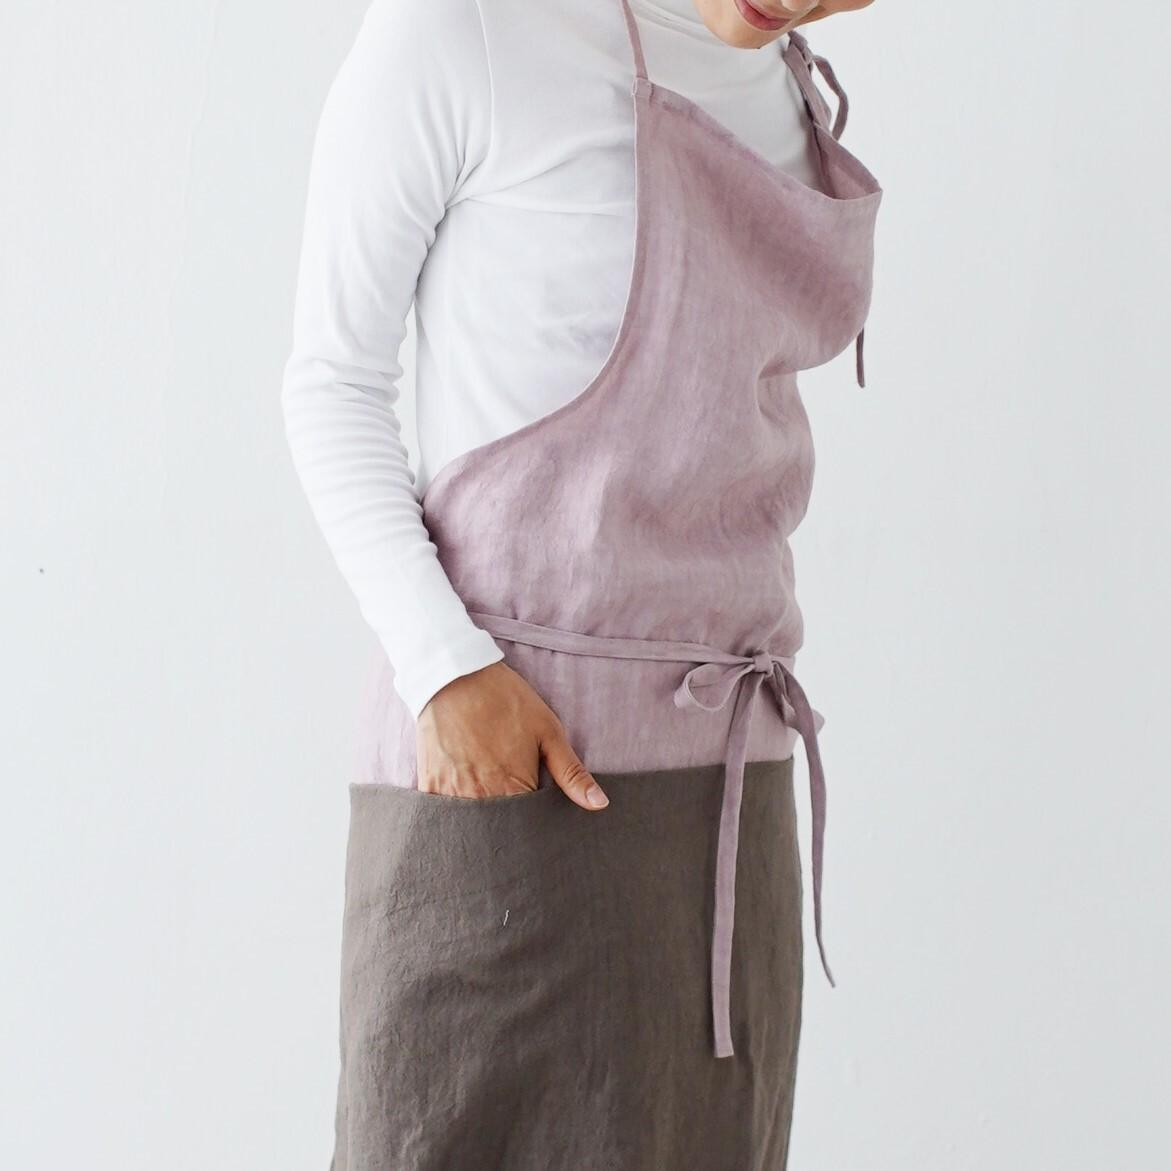 チムニーエプロン chimney apron / リネン linen / grayish pink